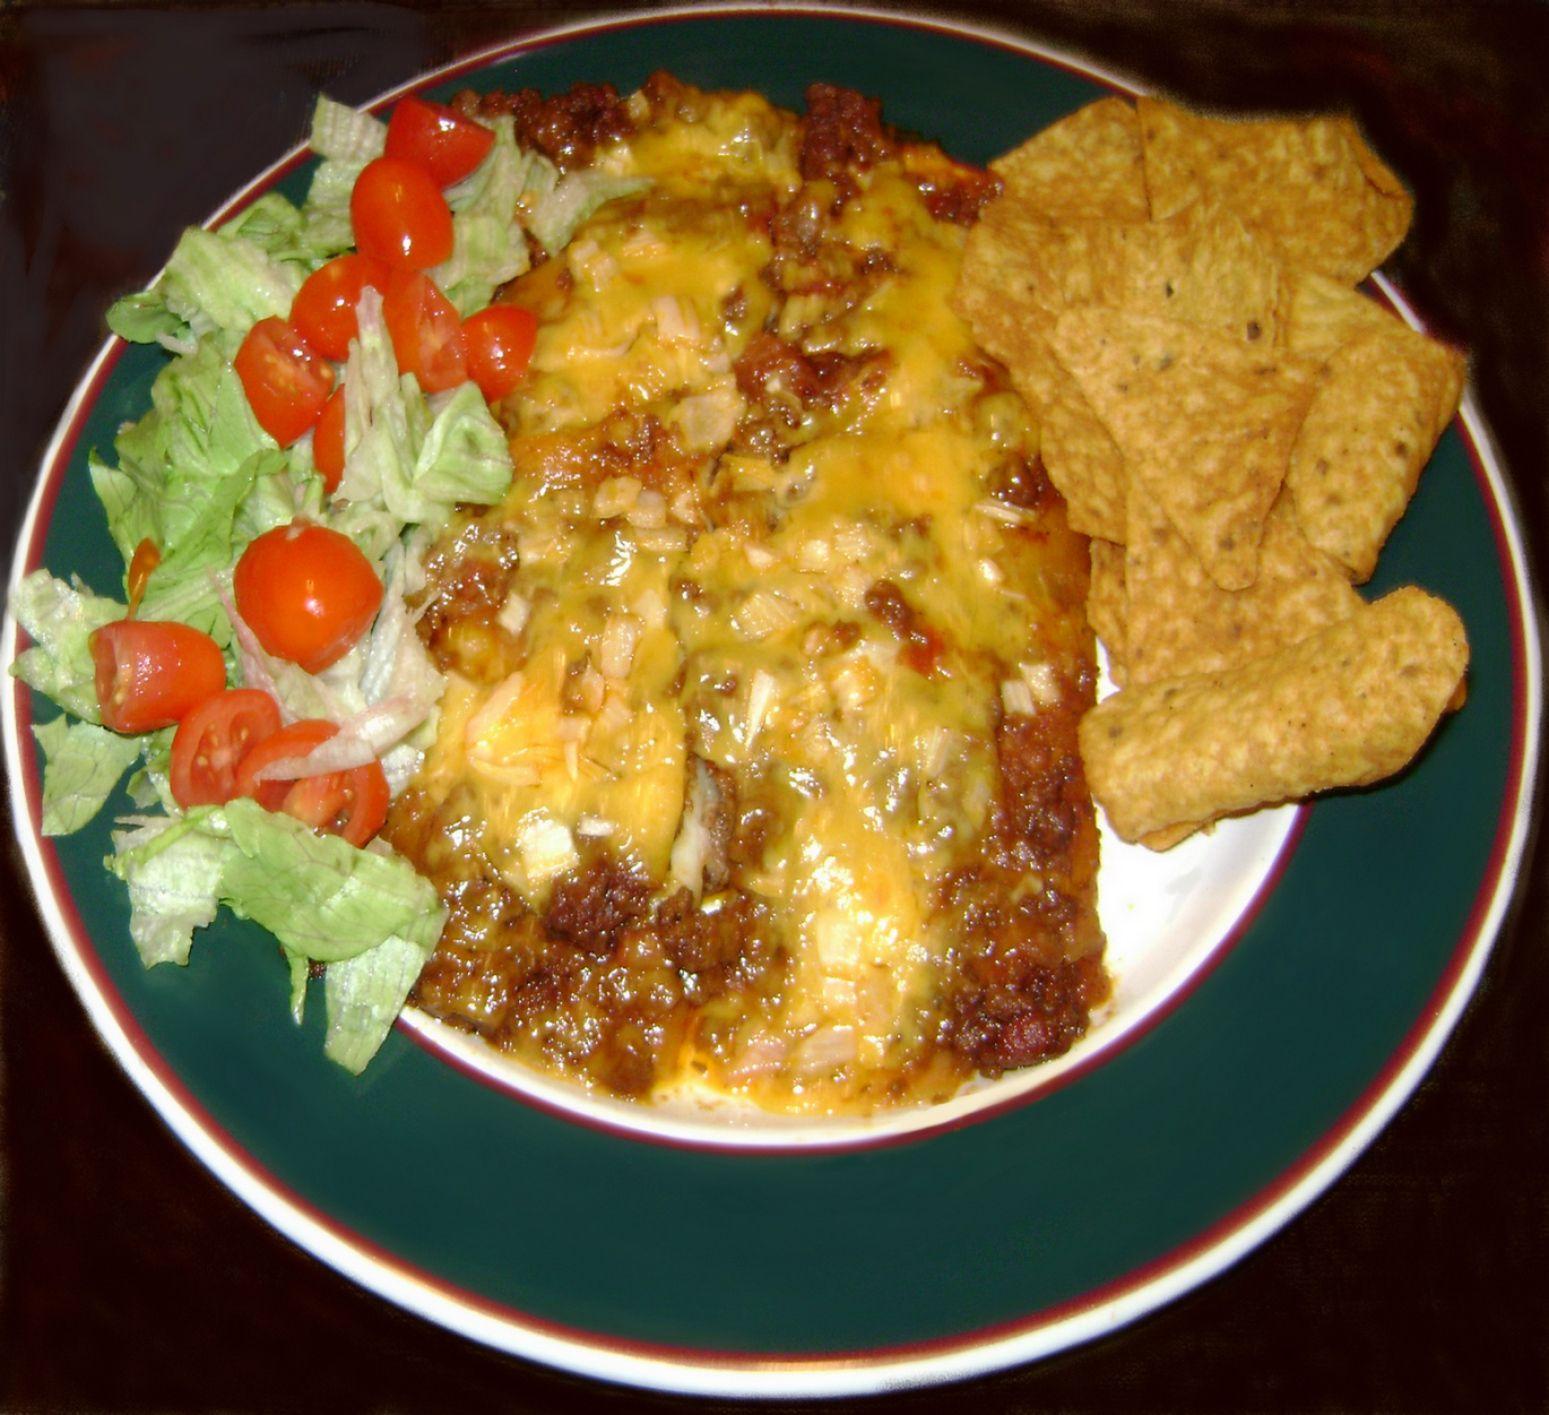 Yum... I'd Pinch That!   TexMex Chili Cheese Enchiladas